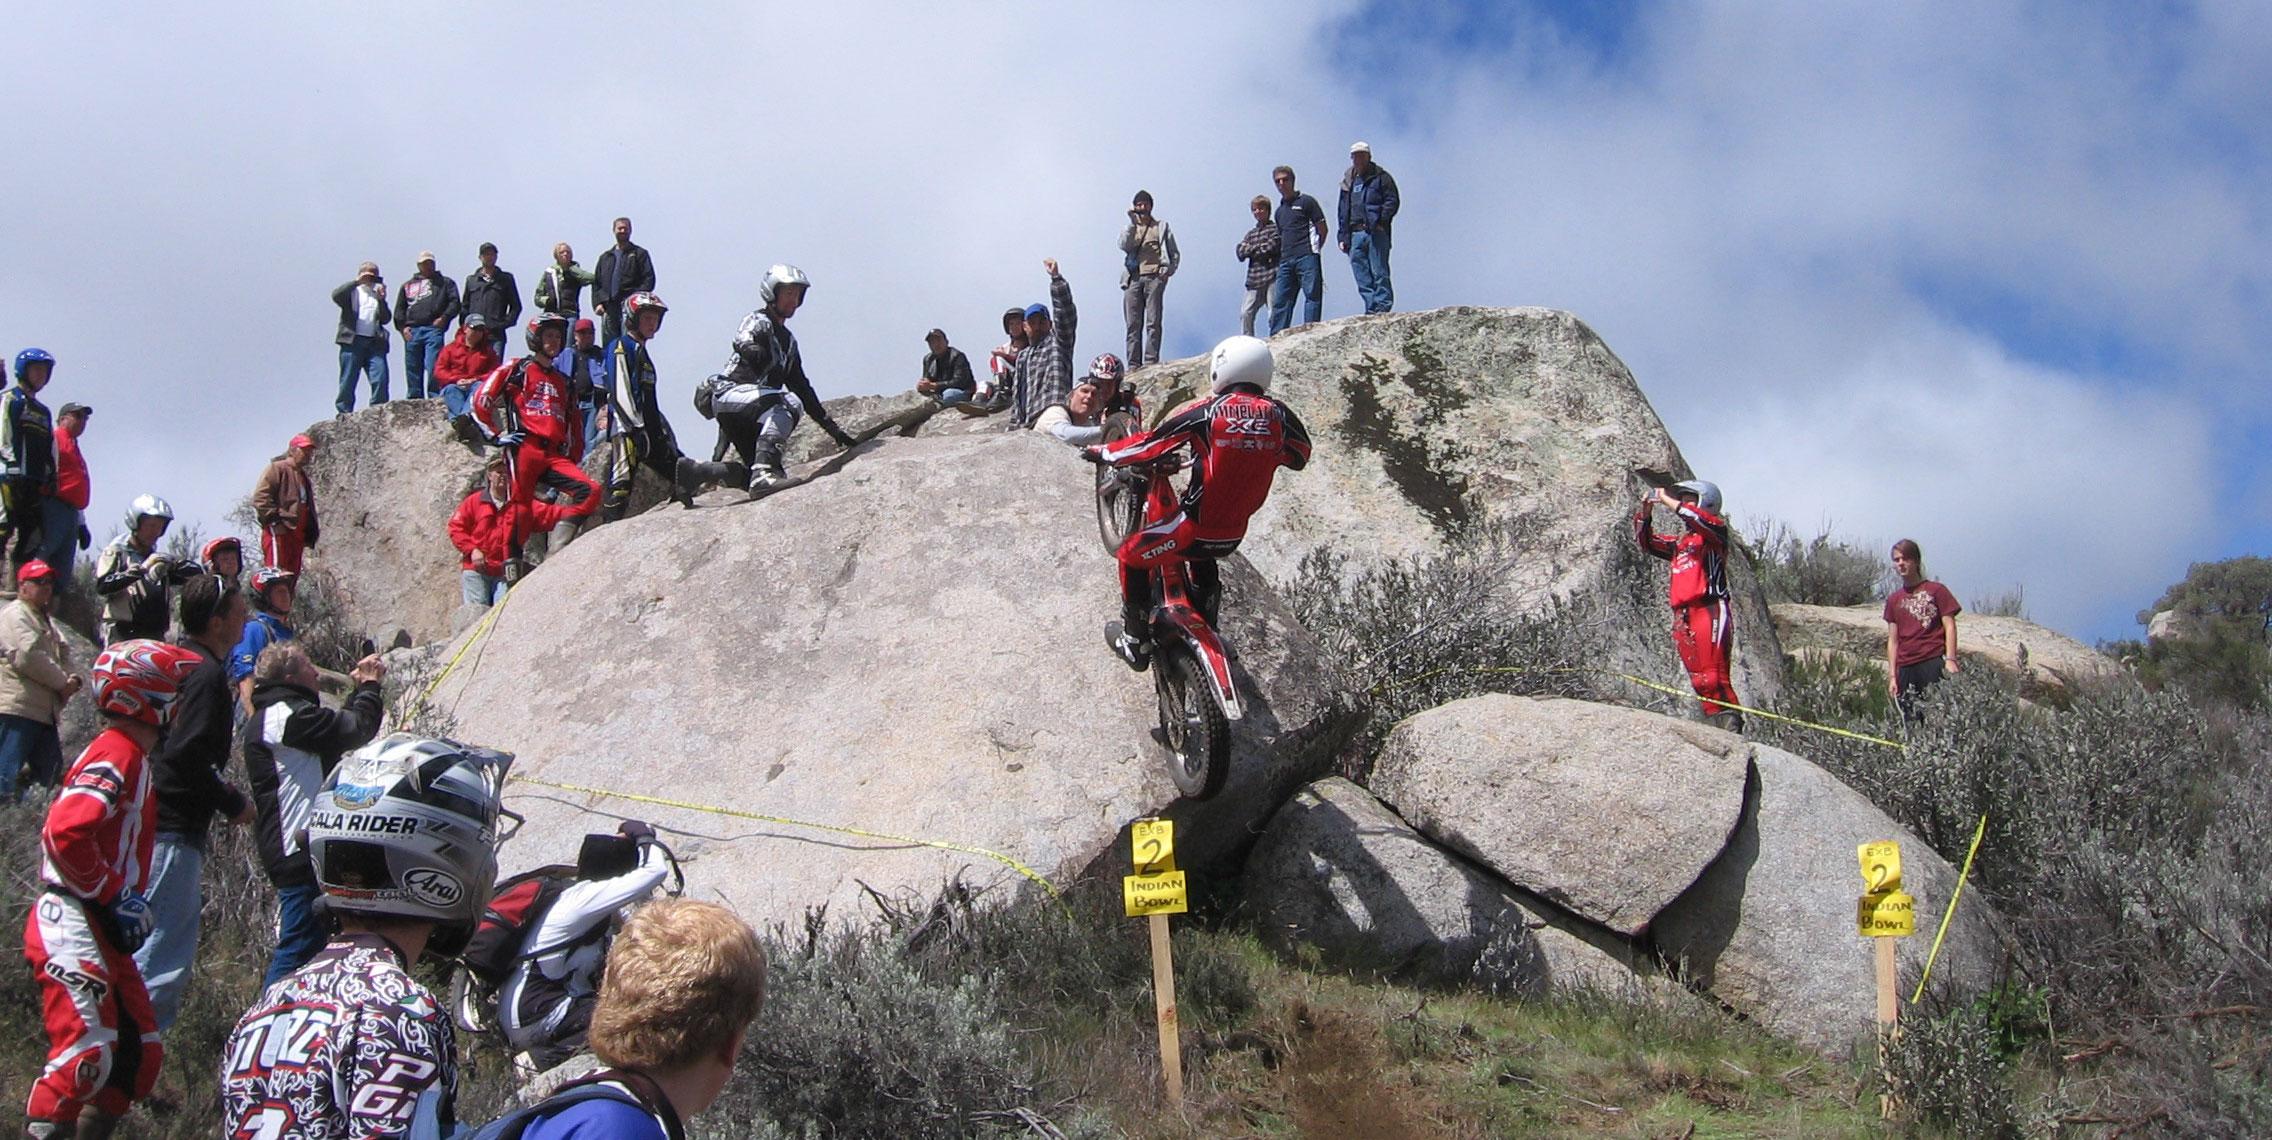 Motorcycle Rock Crawling